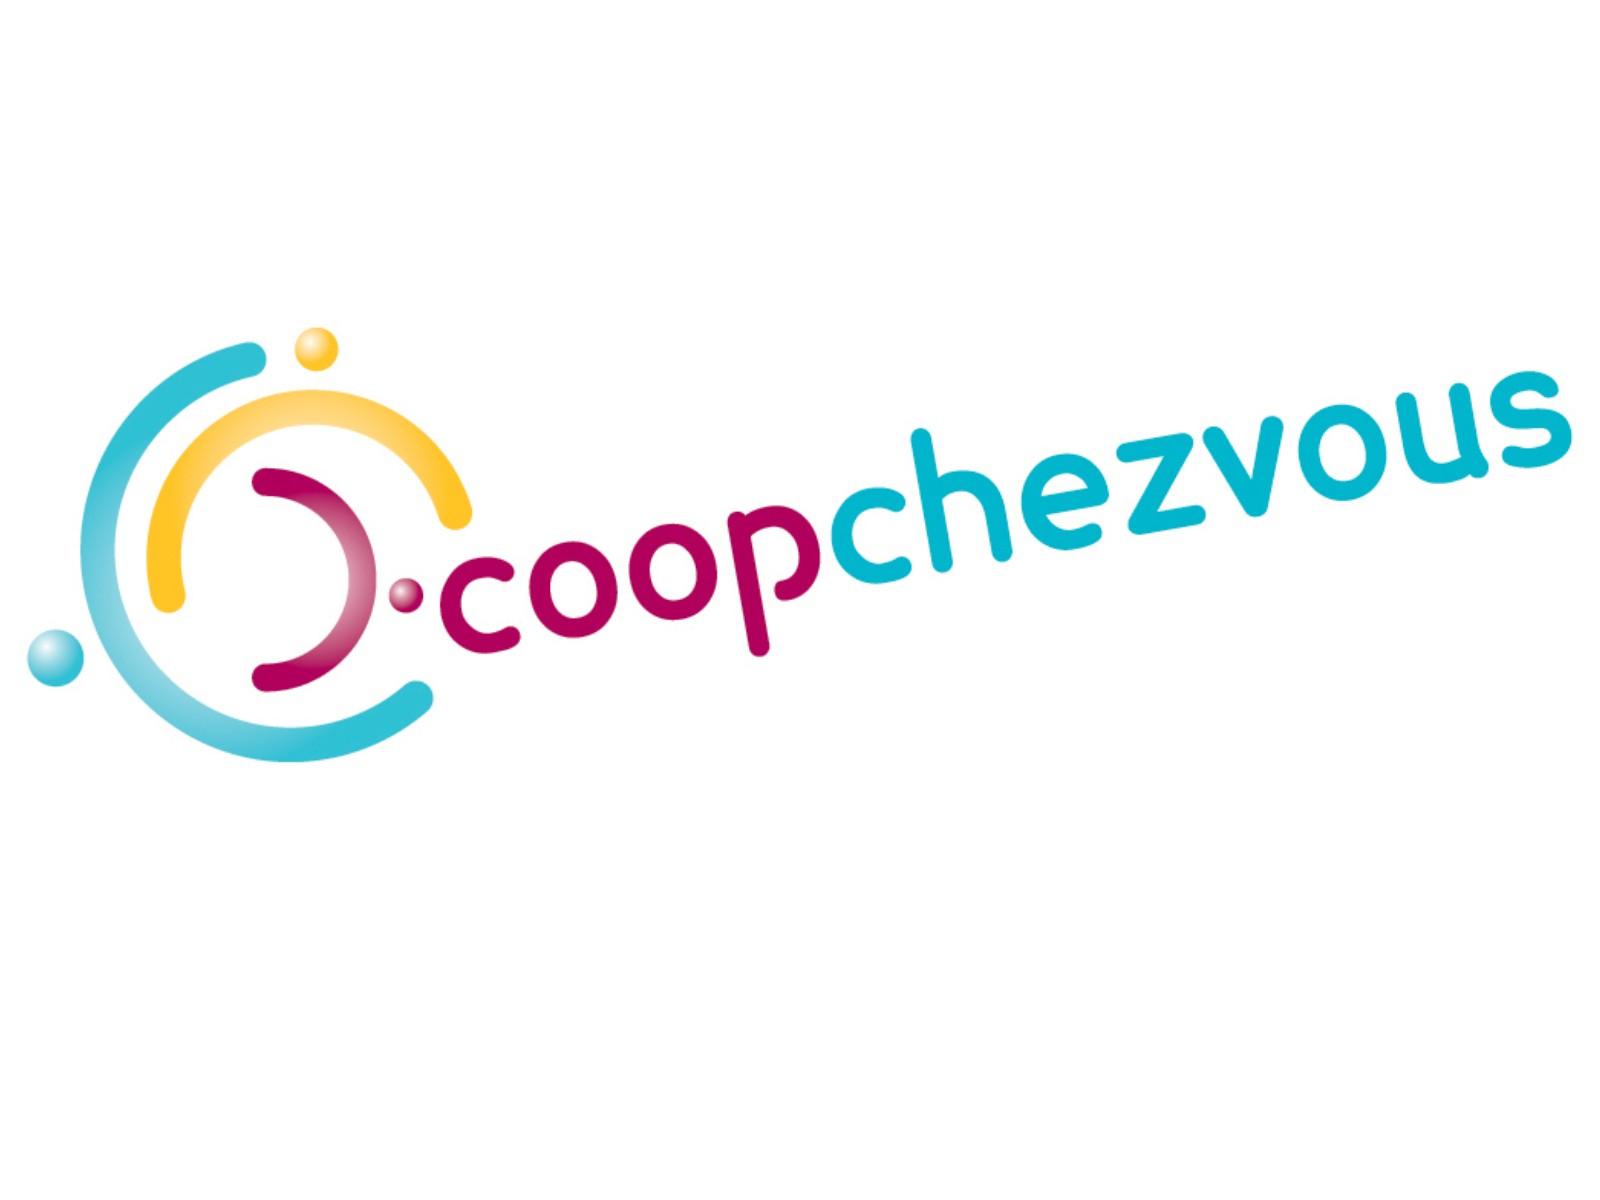 COOPCHEZVOUS